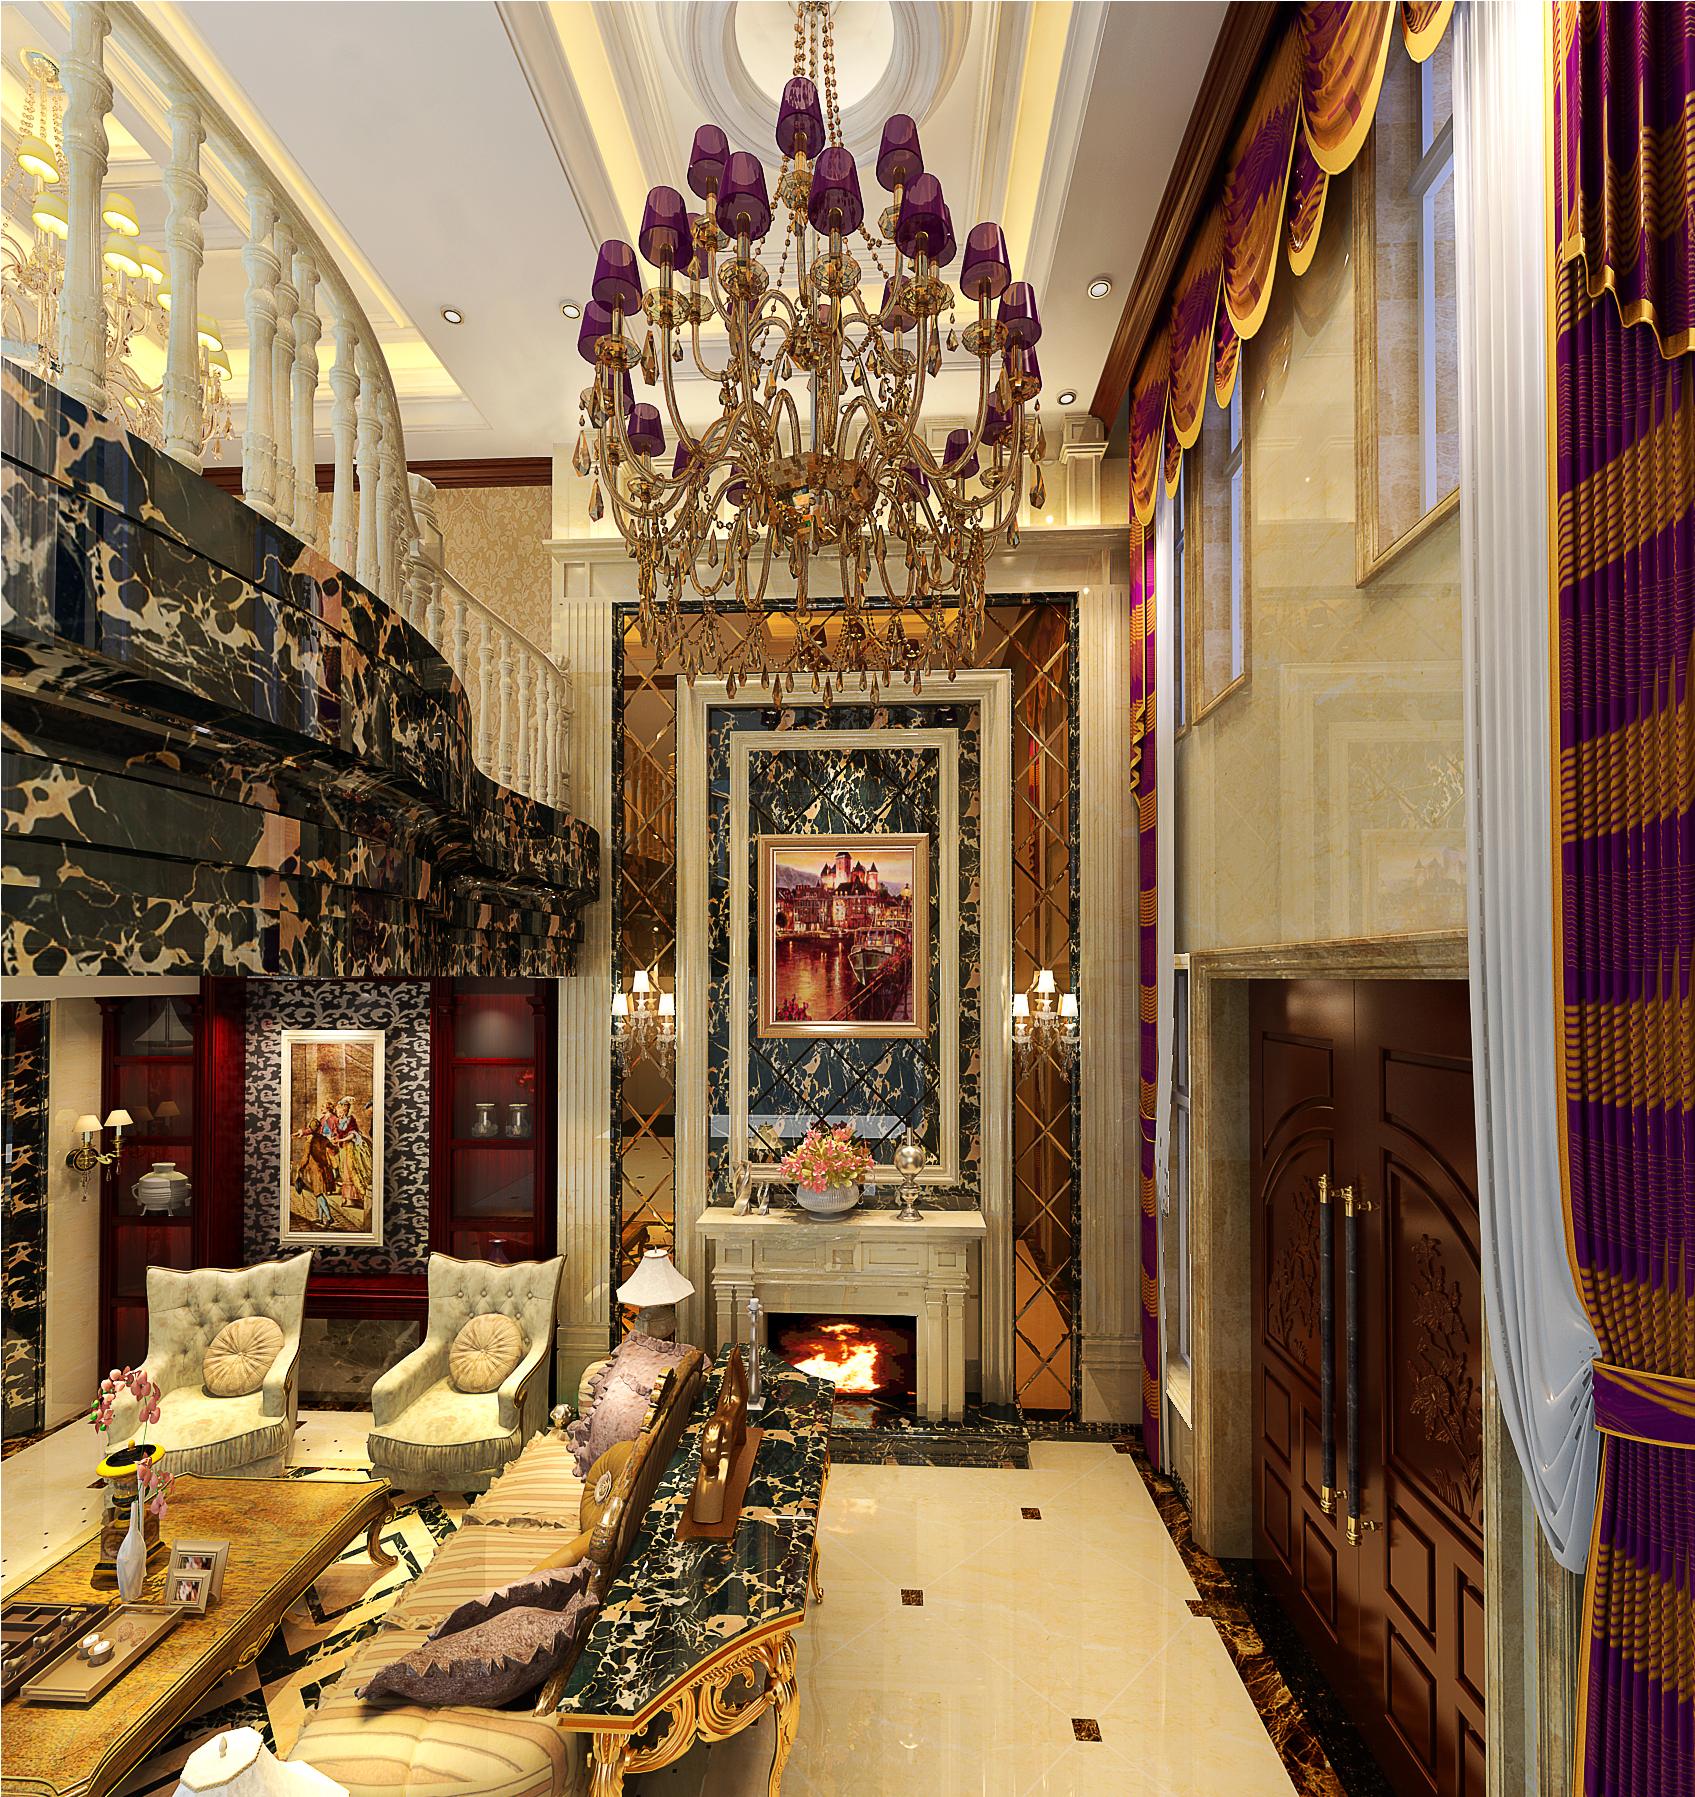 深色的橡木家具,色彩鲜艳的布艺沙发,浪漫的罗马帘、精美的油画、制作精良的雕塑工艺品,构成室内庄重、雍容华贵的气氛。茶室为中式风格,古香古色、雕梁画栋呈现出耐人寻味的内敛。居室强调立体照明,顶部用大型灯池,并用华丽的 枝形吊灯营造气氛。大量大理石在室内空间的使用,整体空间成熟稳重而又不失高贵、华丽。